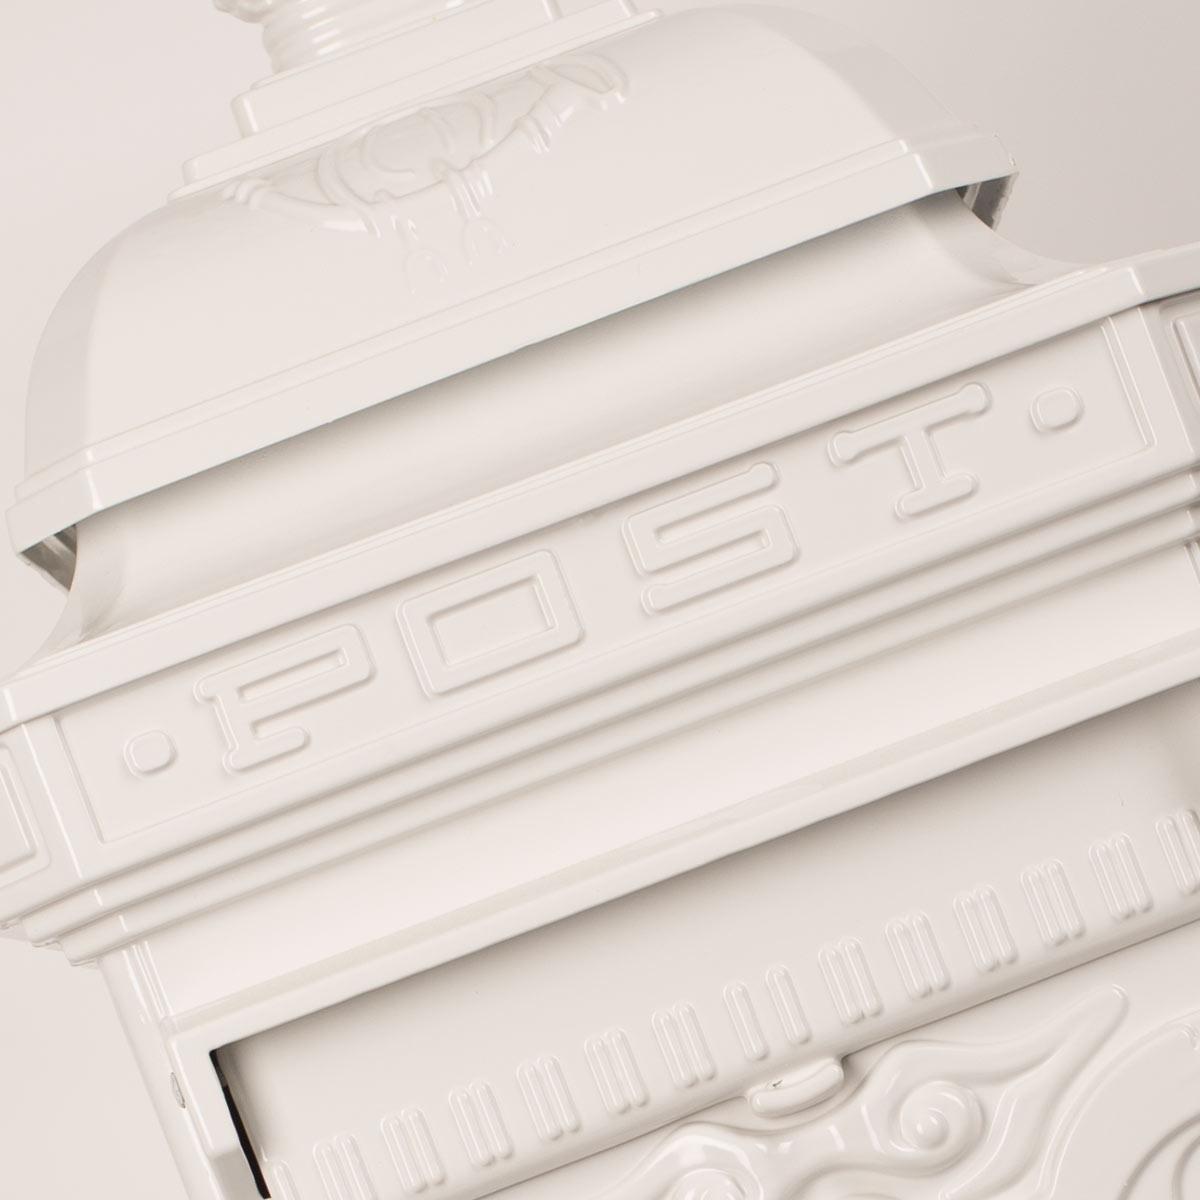 Briefkasten XL Weiß